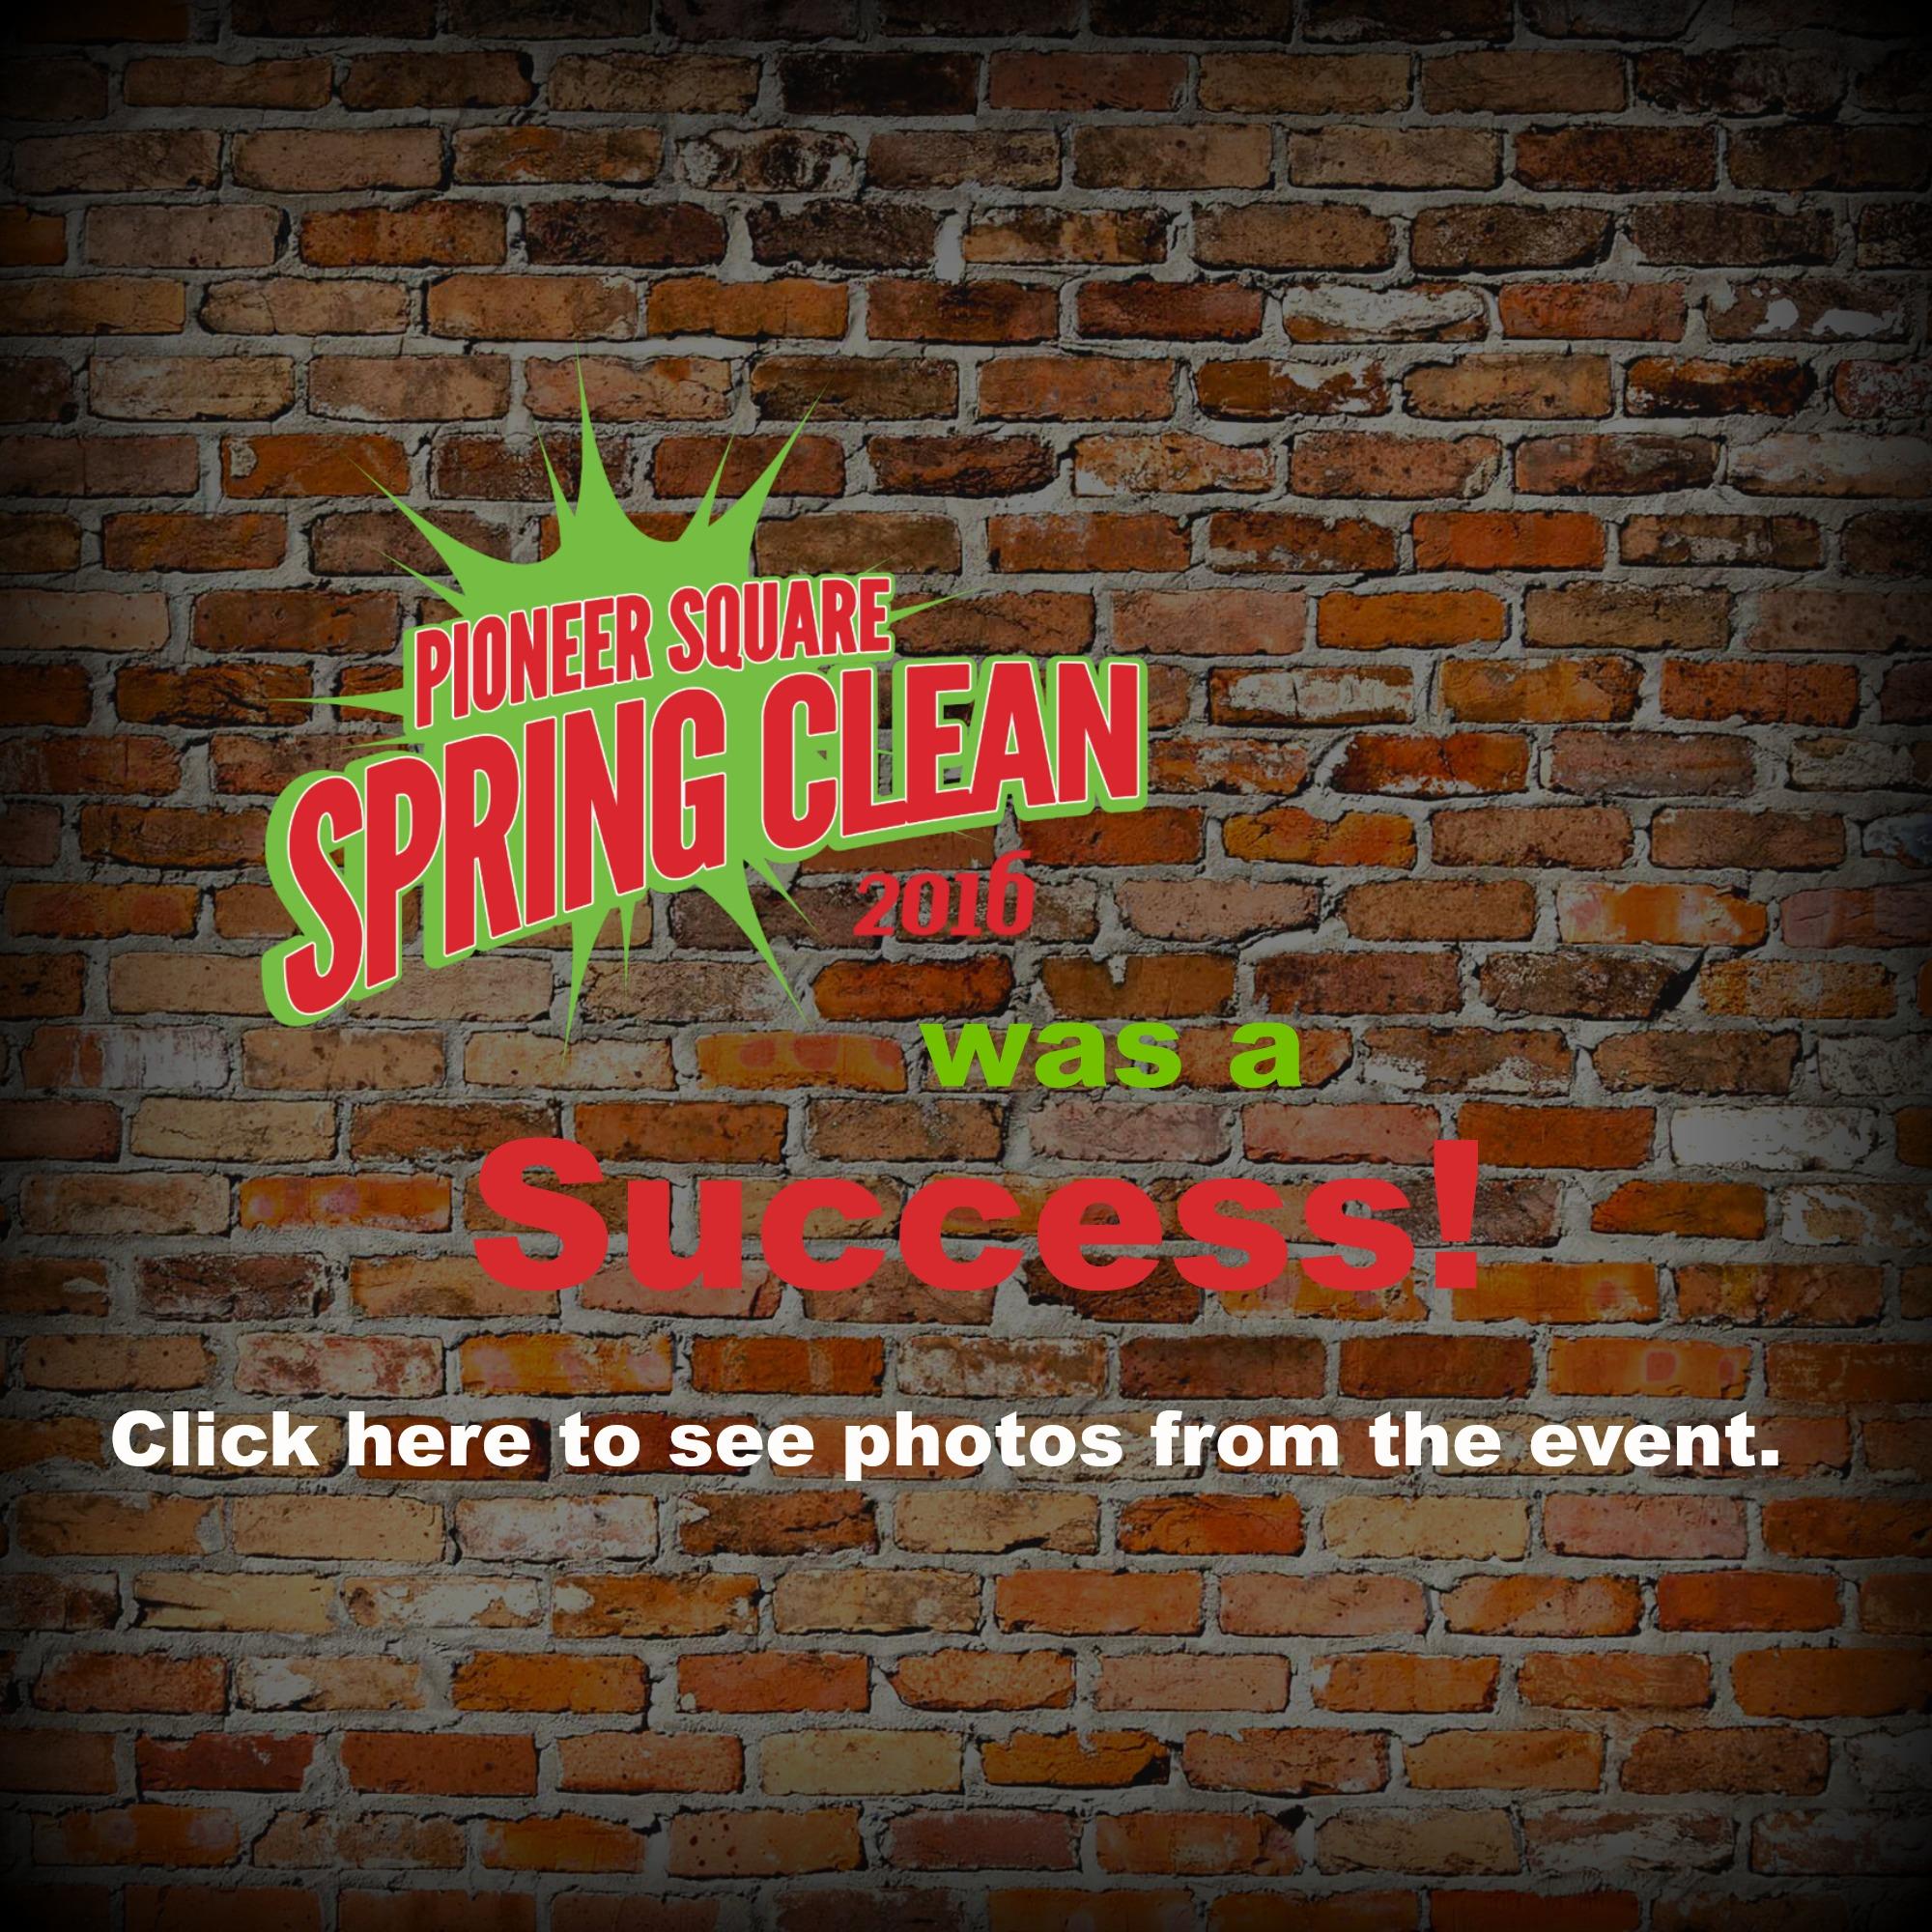 Spring-Clean-Flickr-Hero-1